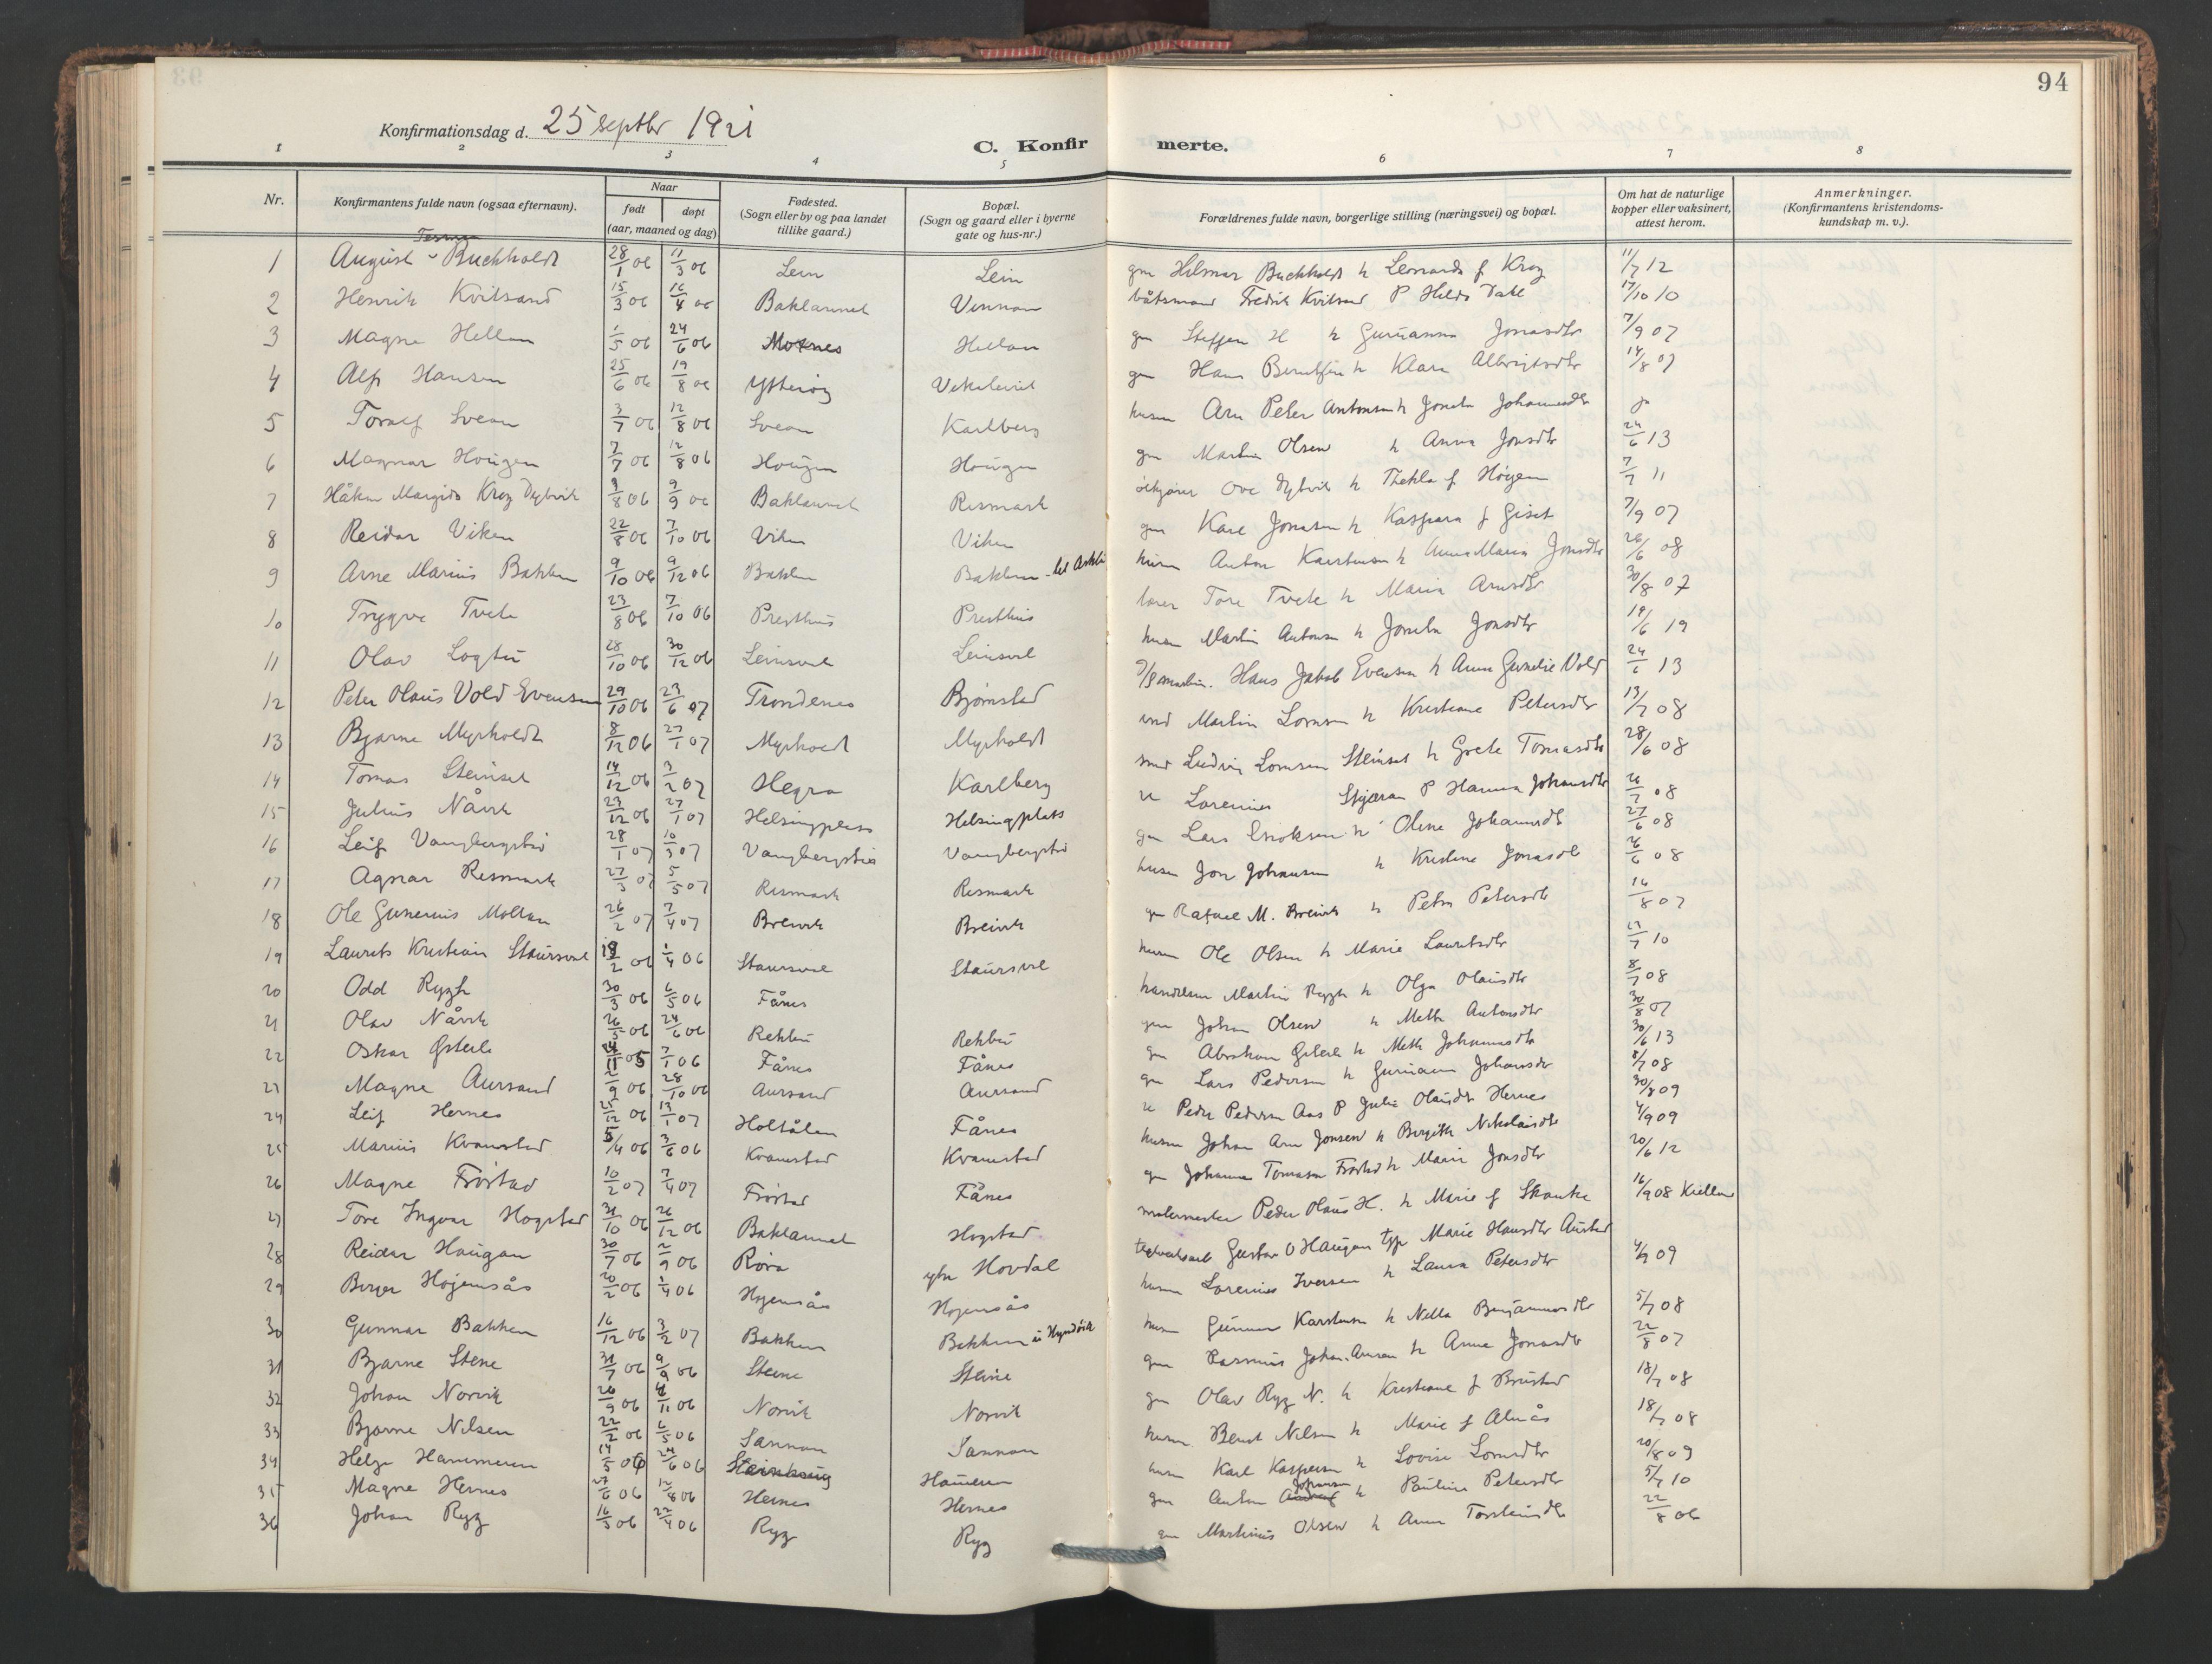 SAT, Ministerialprotokoller, klokkerbøker og fødselsregistre - Nord-Trøndelag, 713/L0123: Ministerialbok nr. 713A12, 1911-1925, s. 94